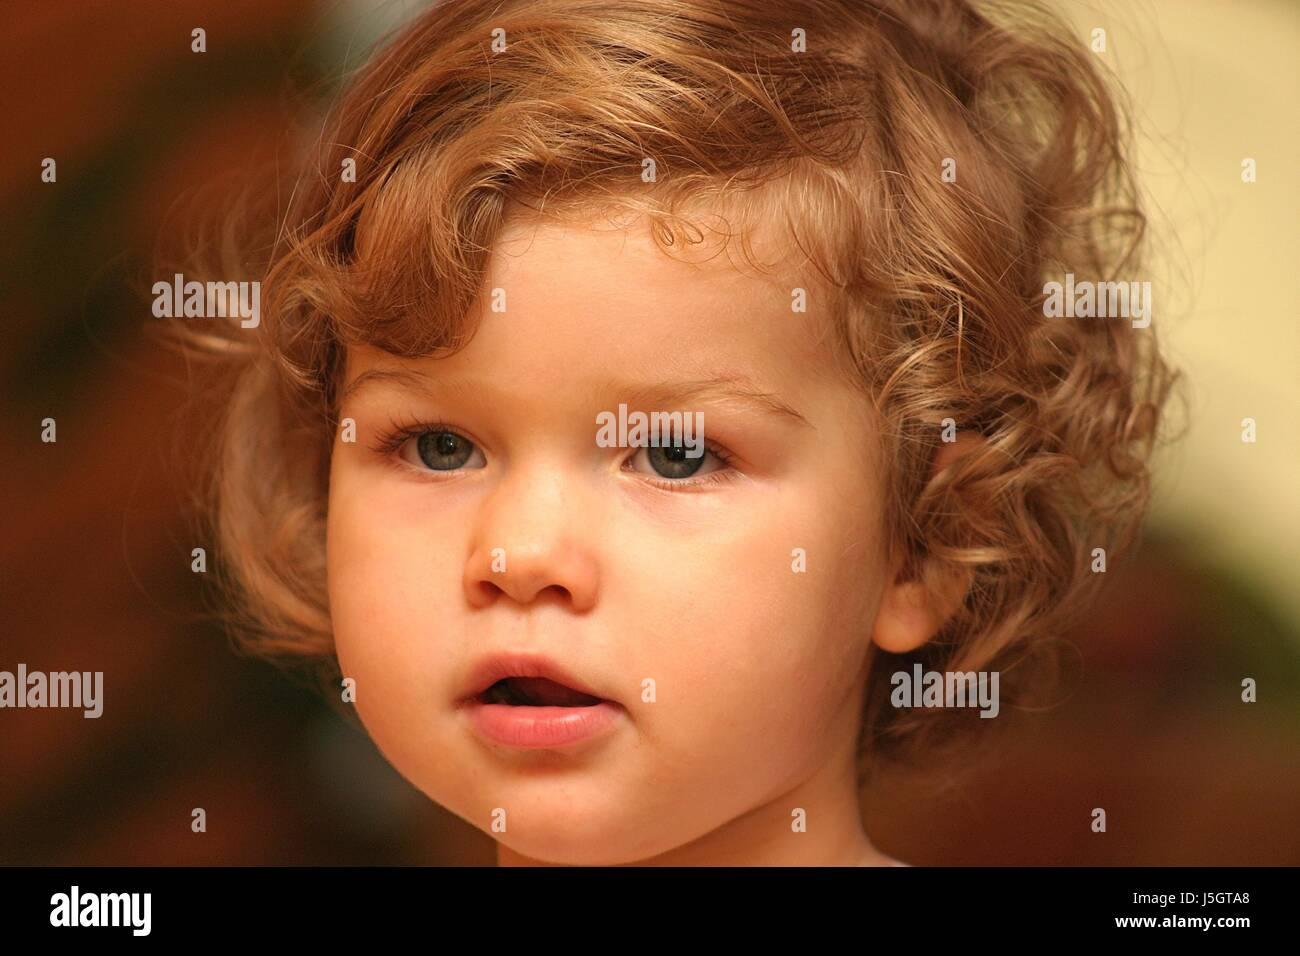 Mund Portrat Augen Haare Lippen Baby Nase Frisur Locken Kinder